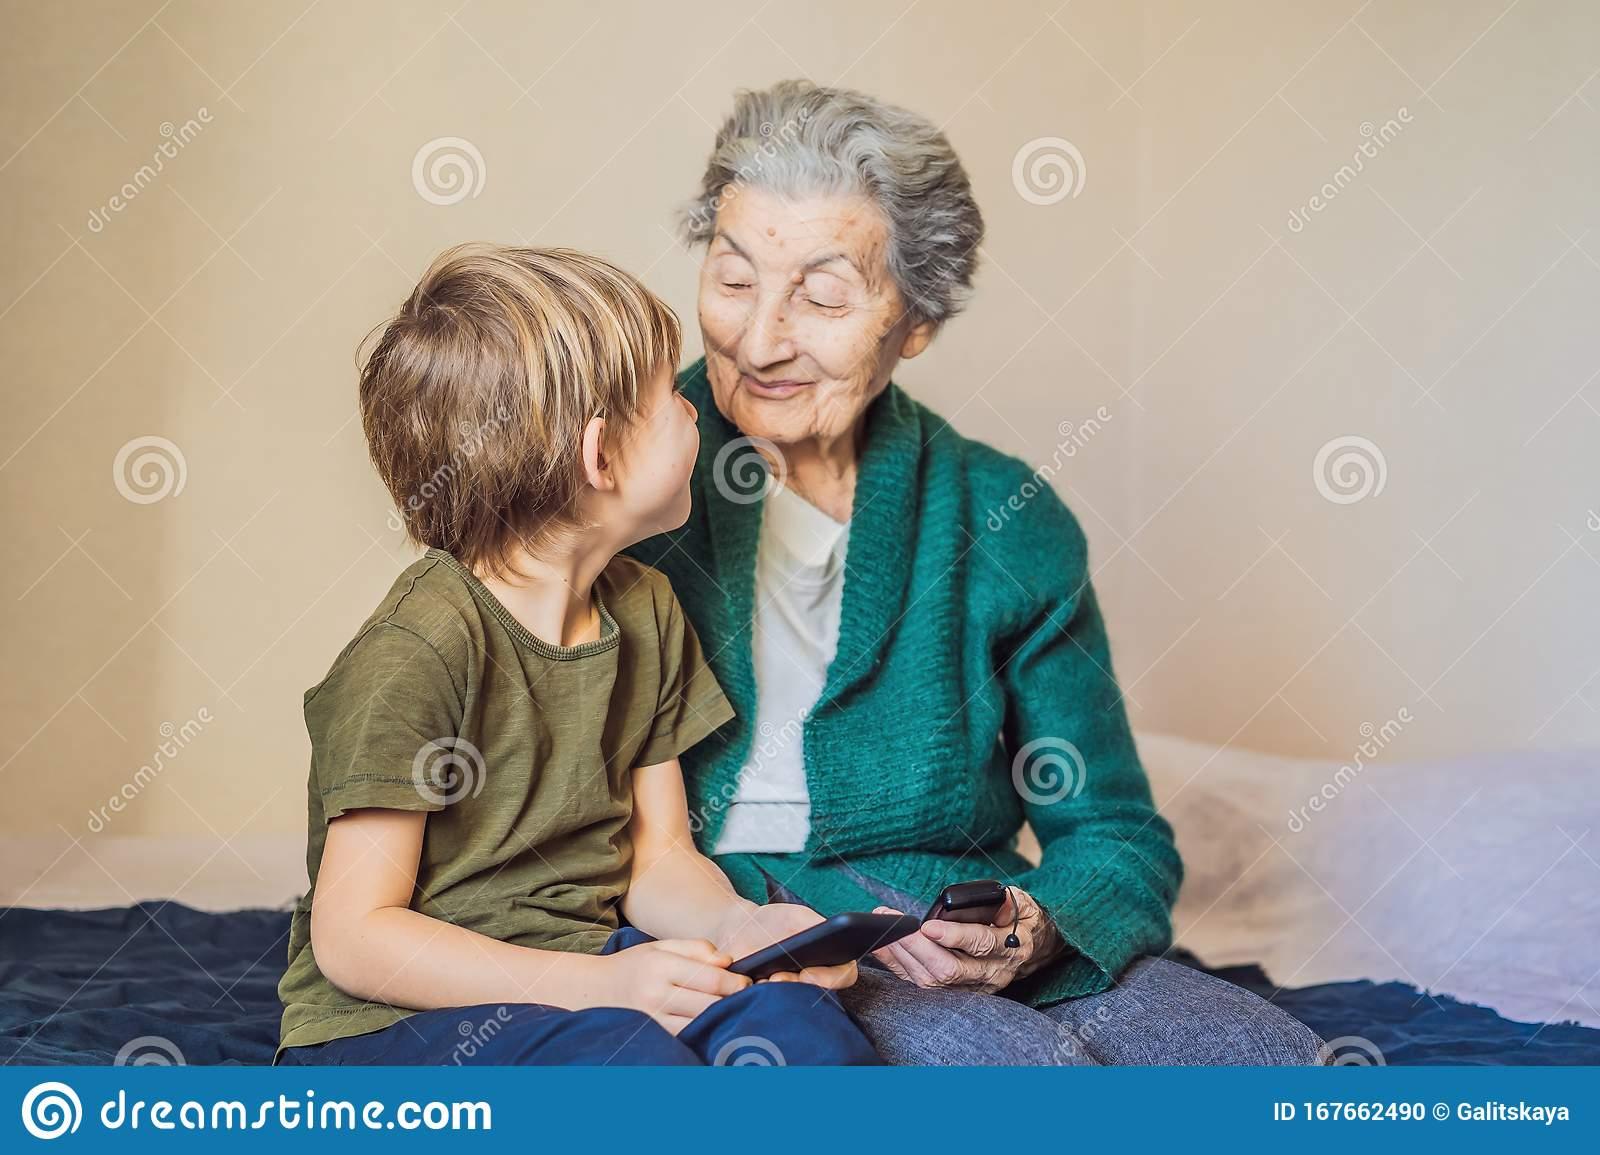 لوحة الفتى والسيدة العجوز